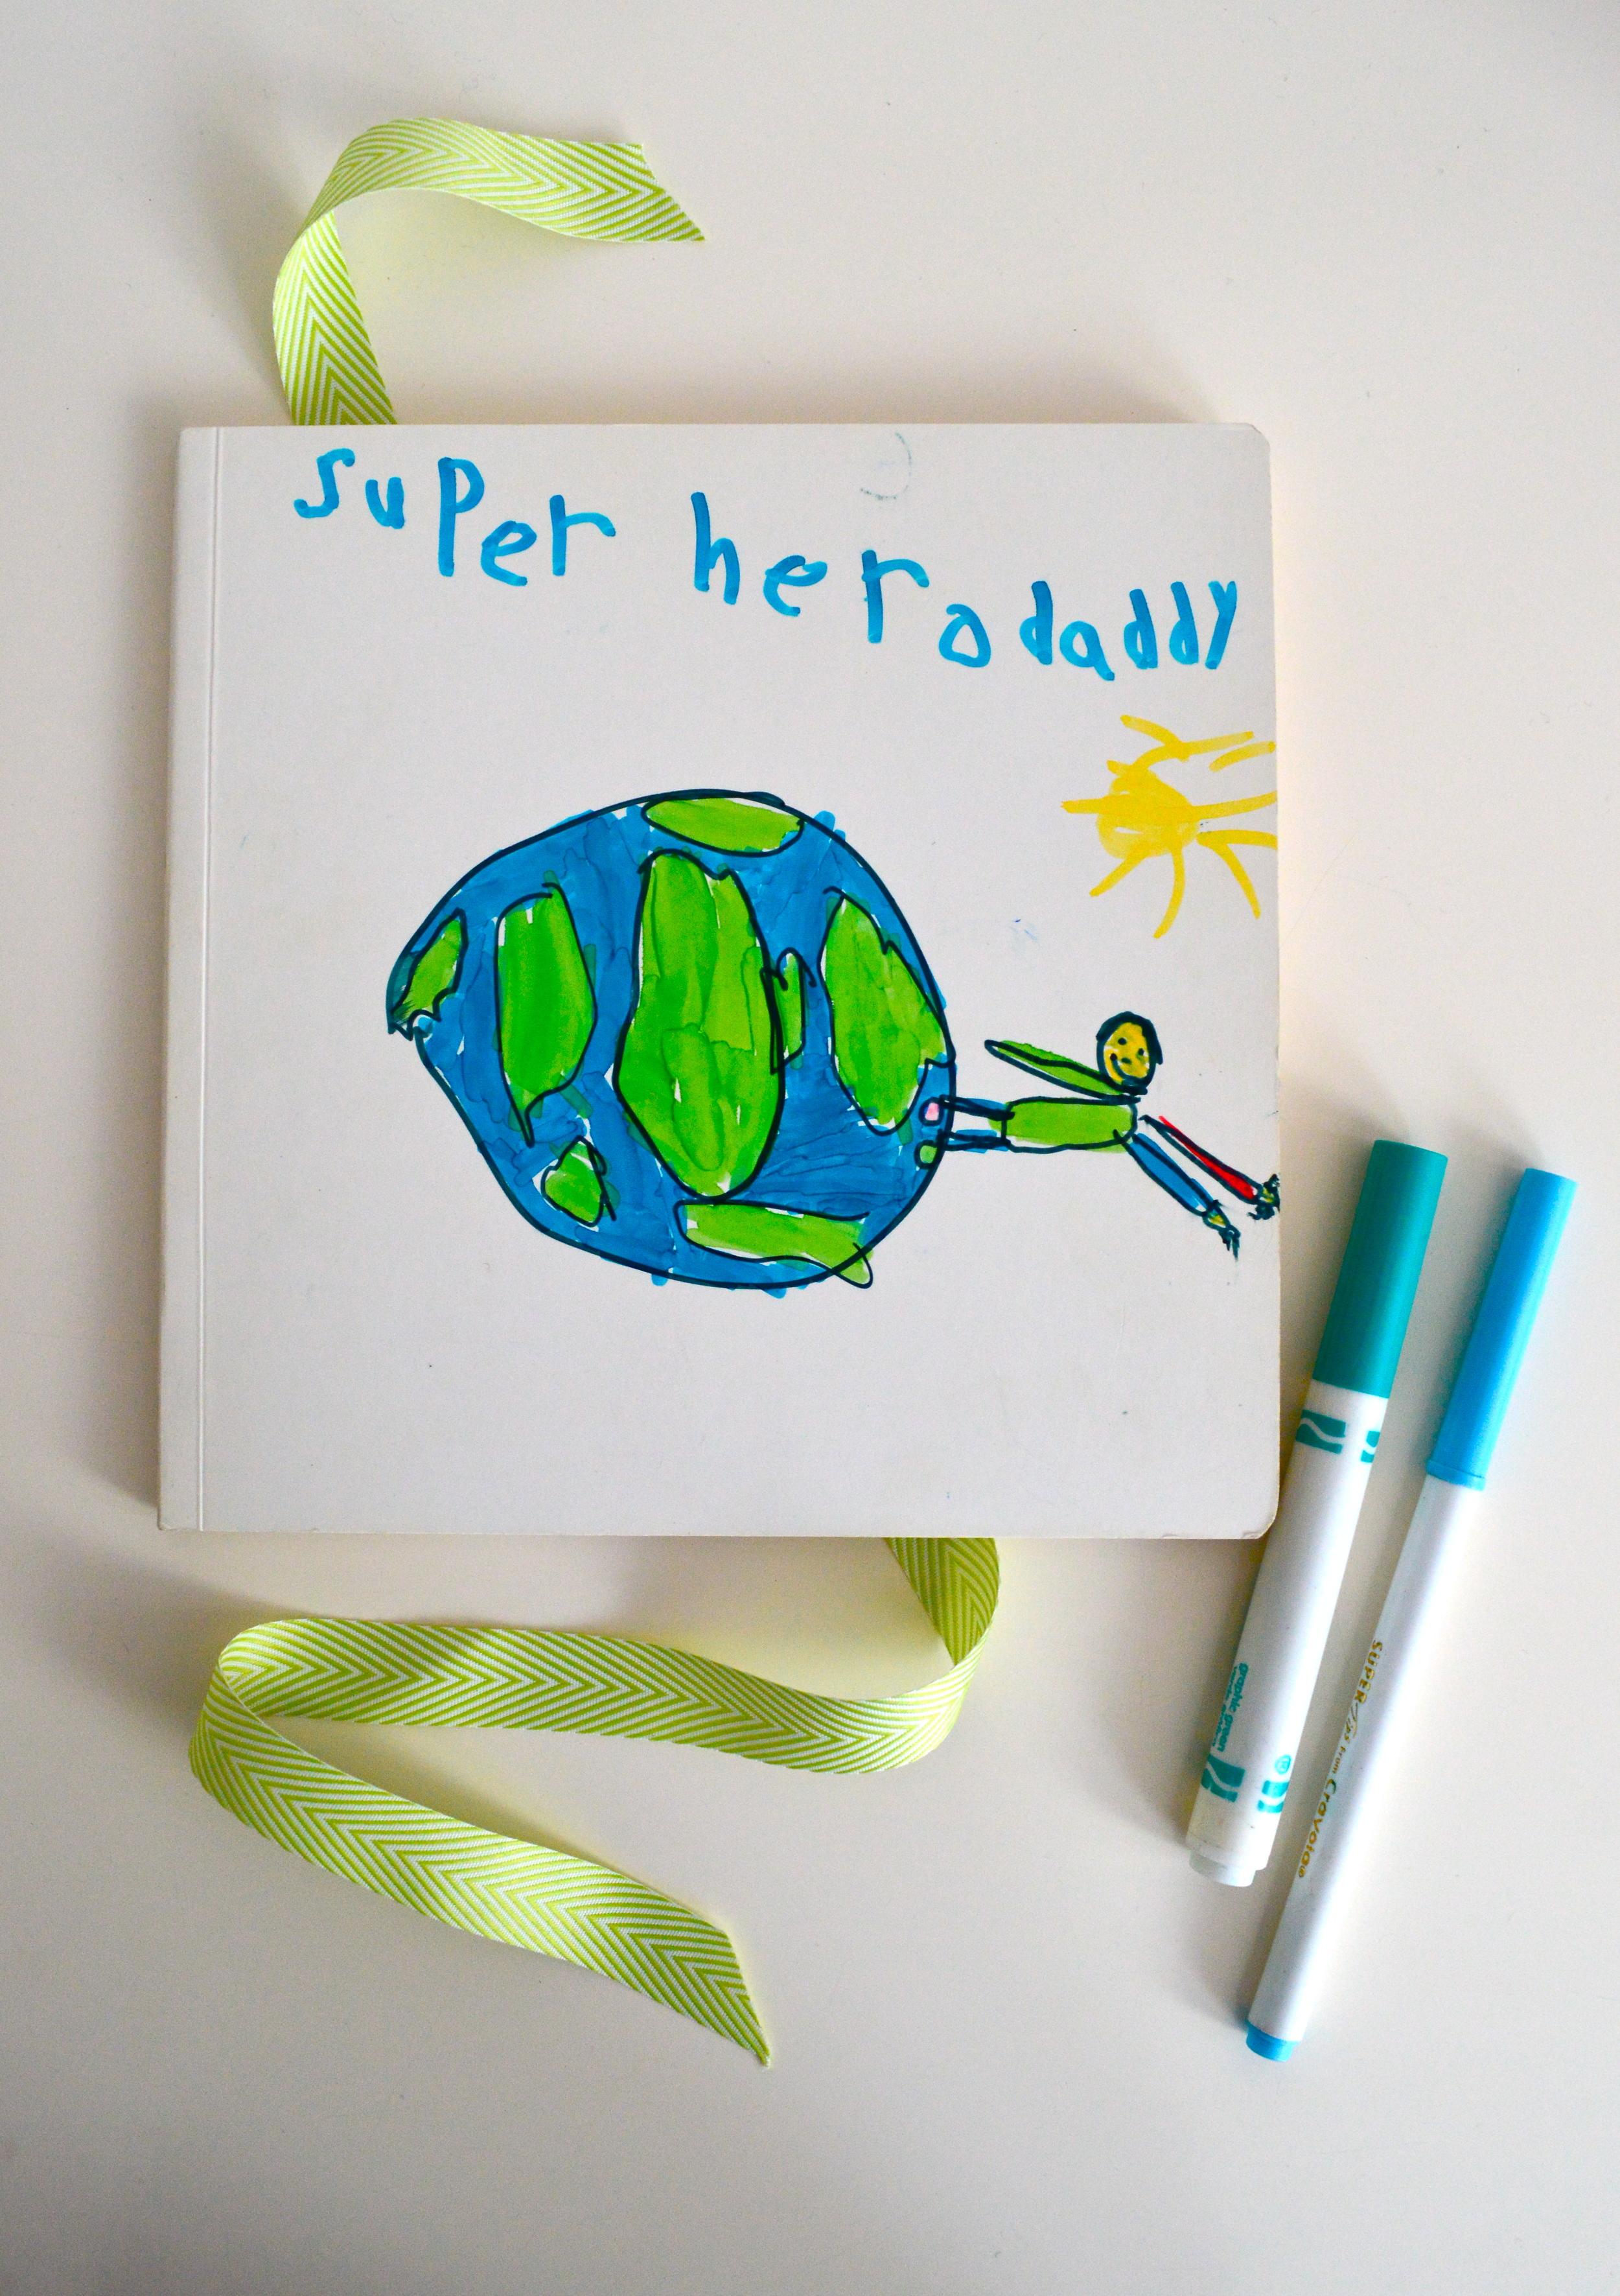 superheor-daddy-supermakeit